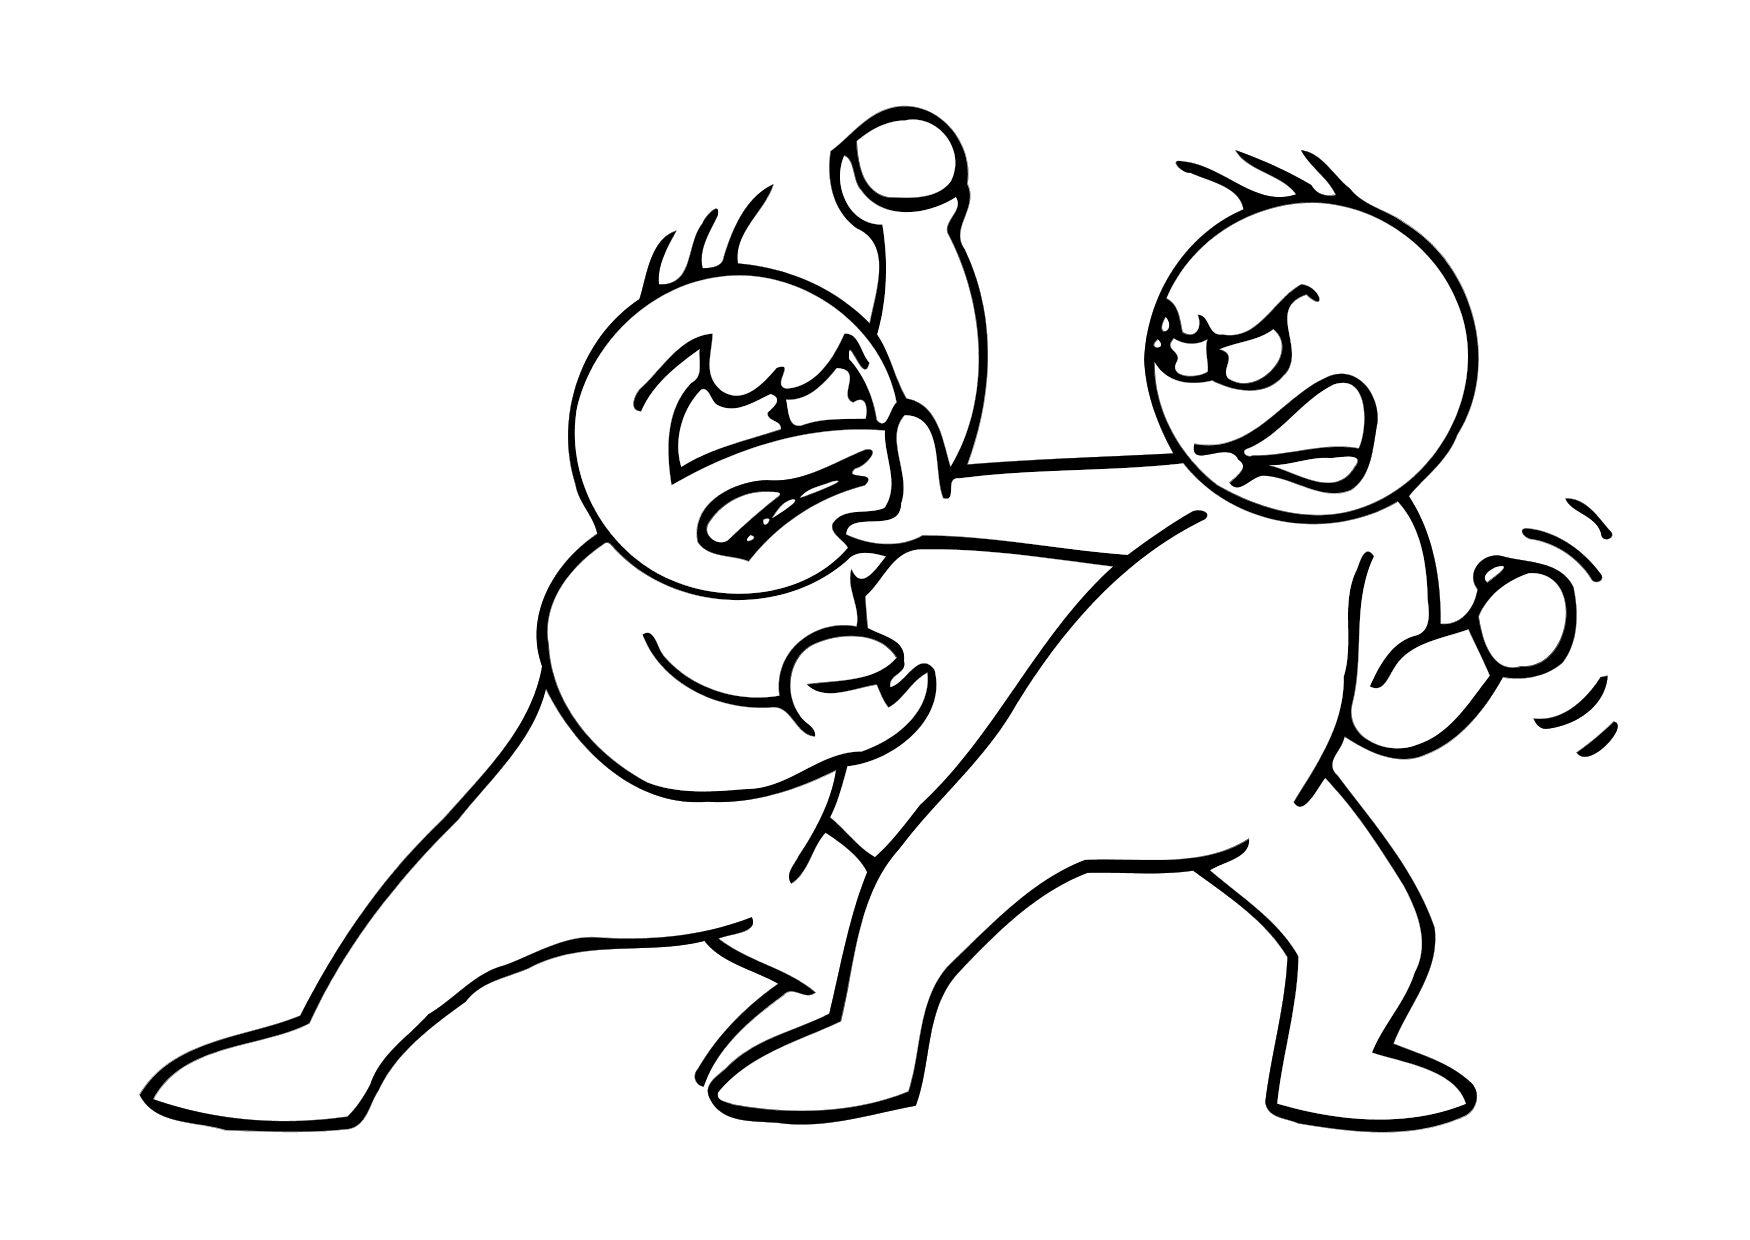 Hermosa Taekwondo Para Colorear Adorno - Dibujos Para Colorear En ...